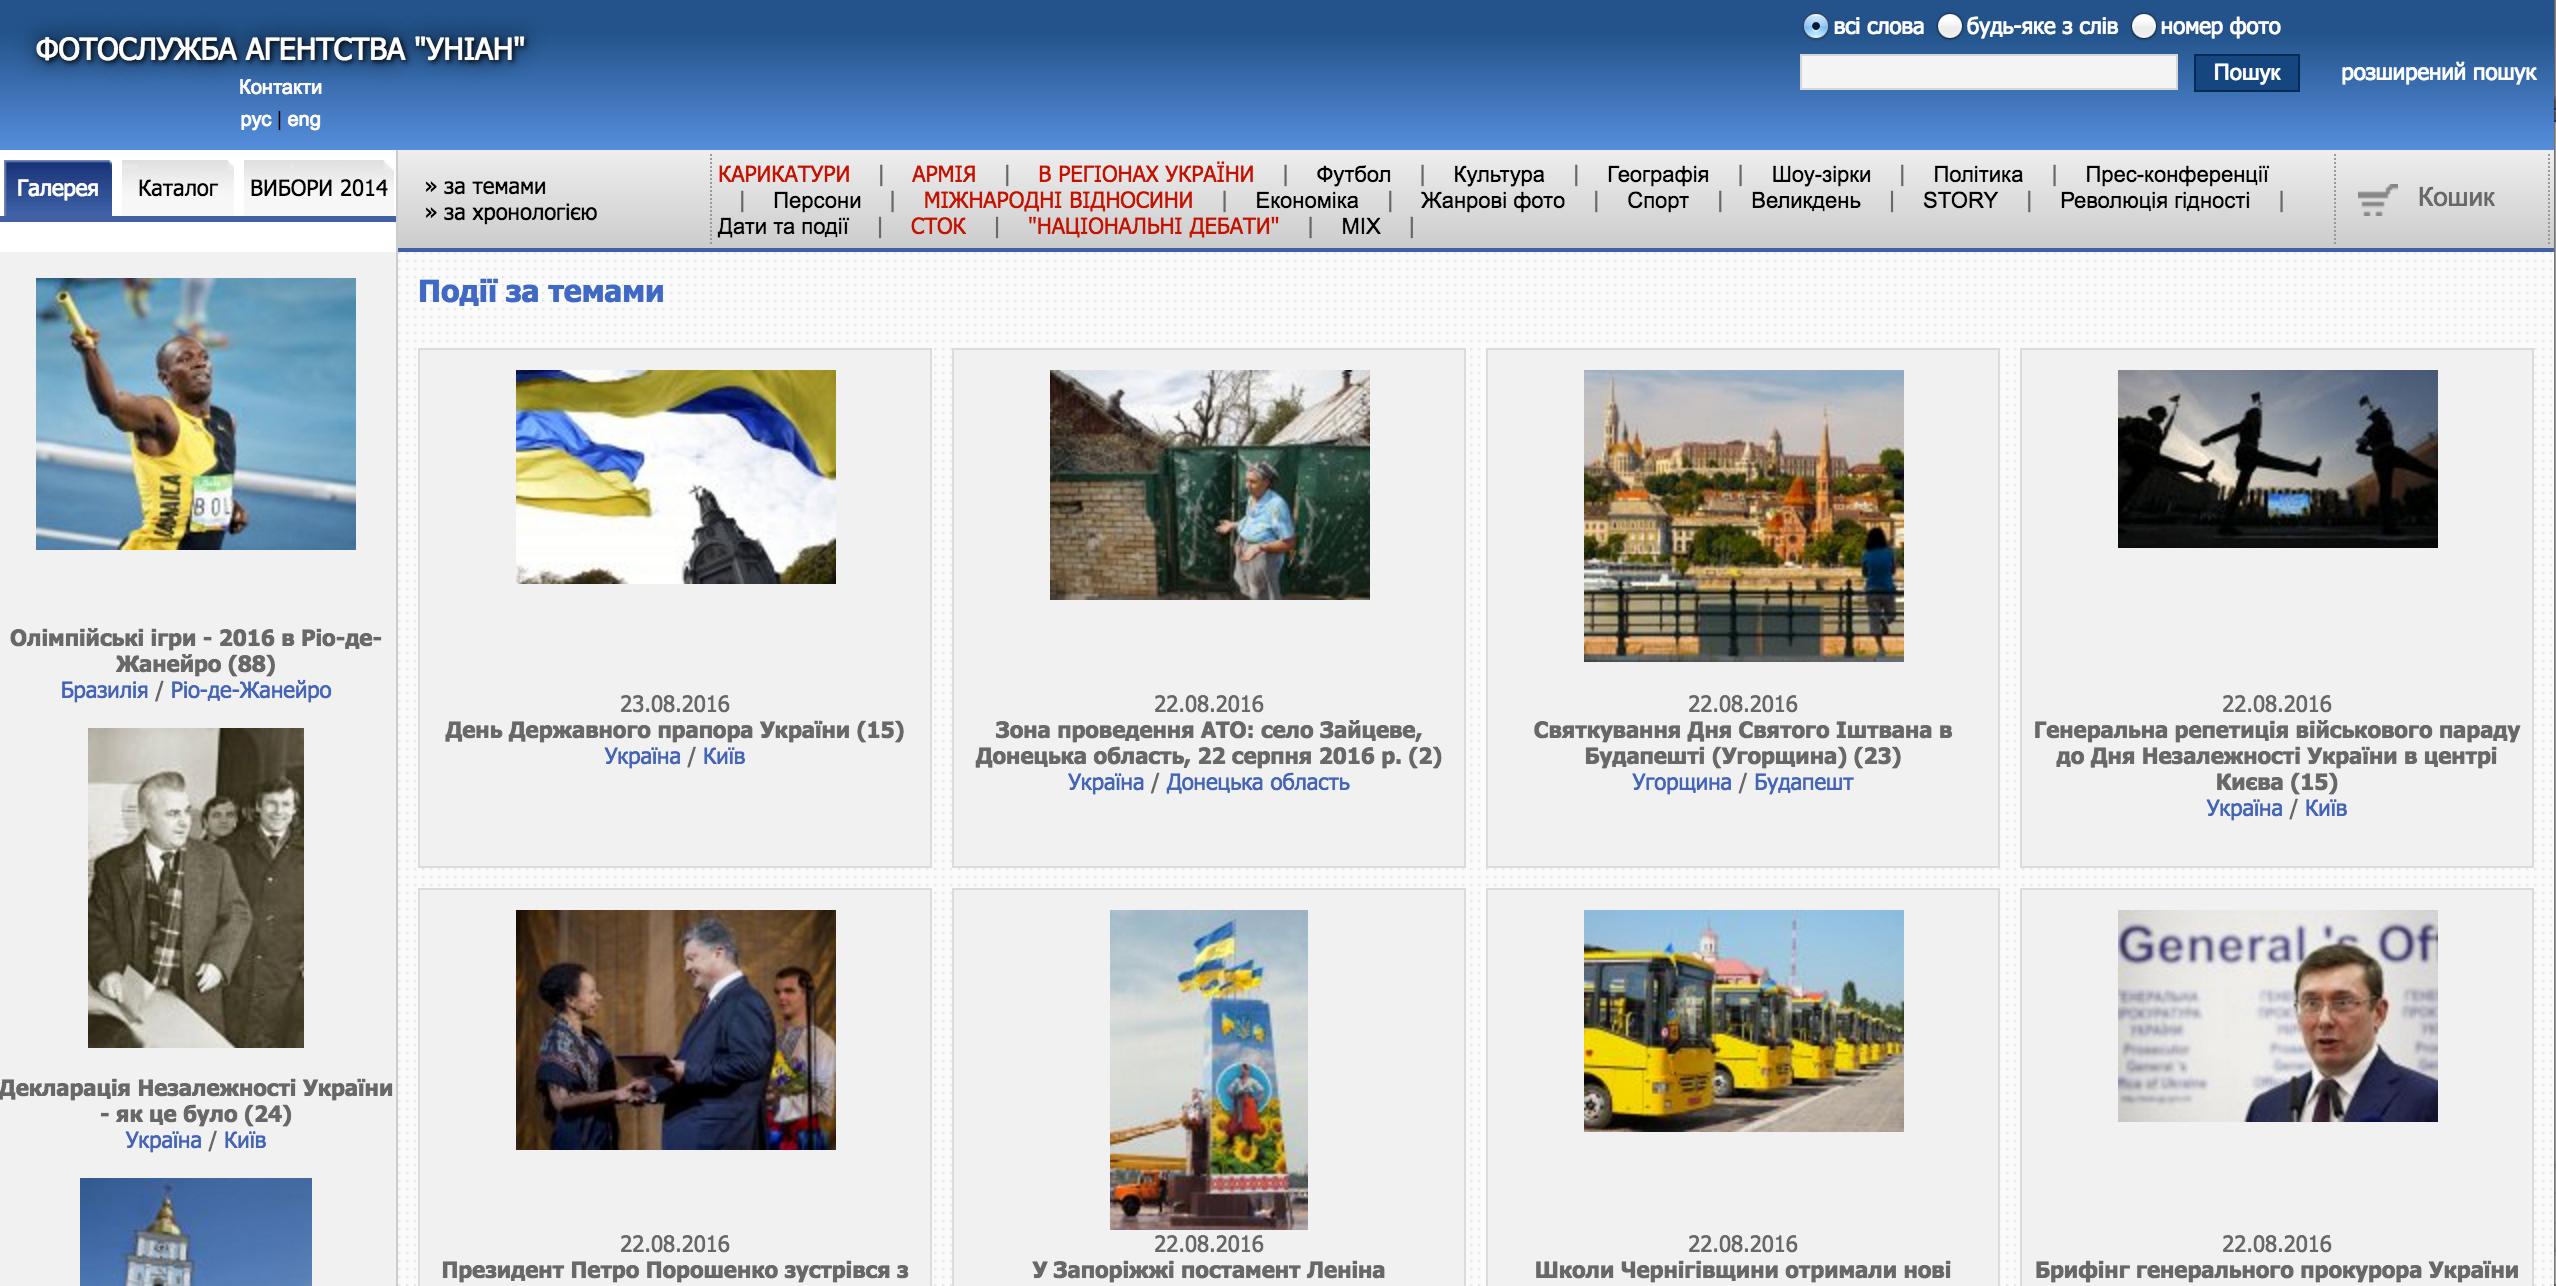 Головна сторінка фотострічки українського інформаційного агентства УНІАН із новинами за 22 серпня 2016 року. Скриншот екрана.